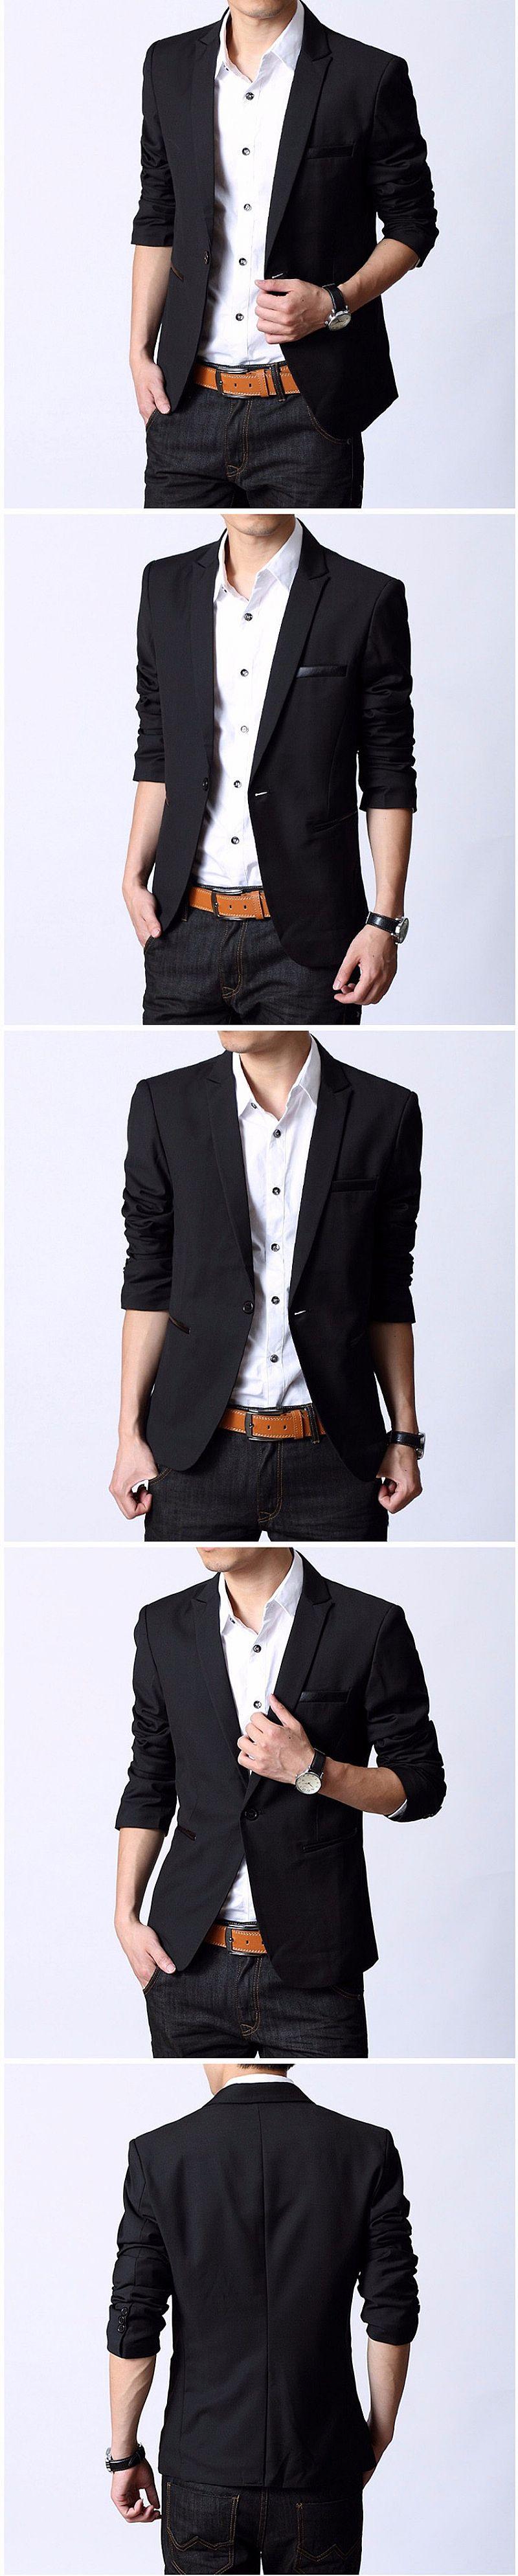 2017 Chegada Nova Marca Homens Moda Slim Ternos Jaqueta Blazer Ocasional Masculino Blazer Casaco One-Botao Terno Formal Dos Homens Paleto